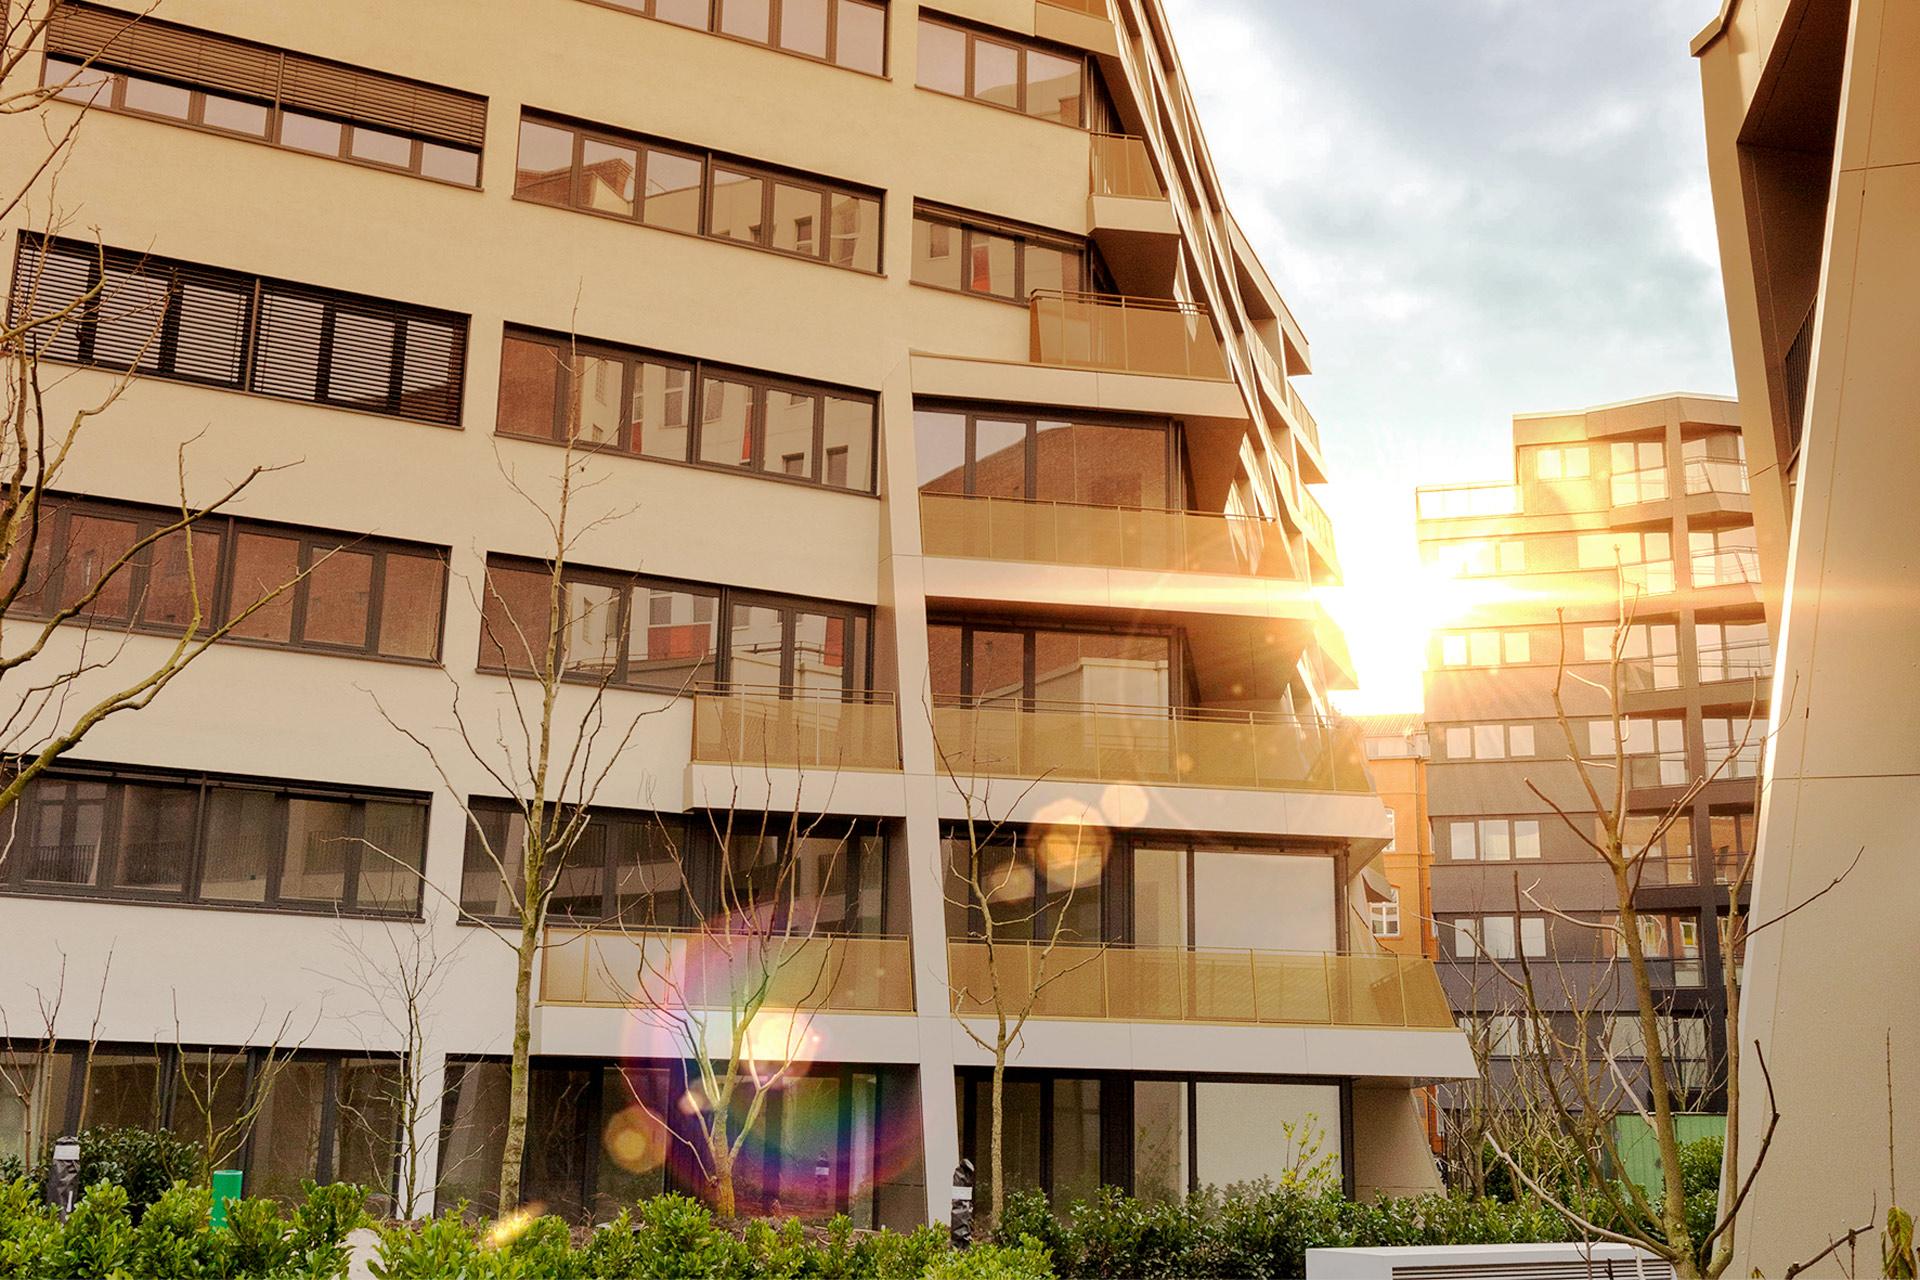 Architektur der Gebäudekomplexe B und C